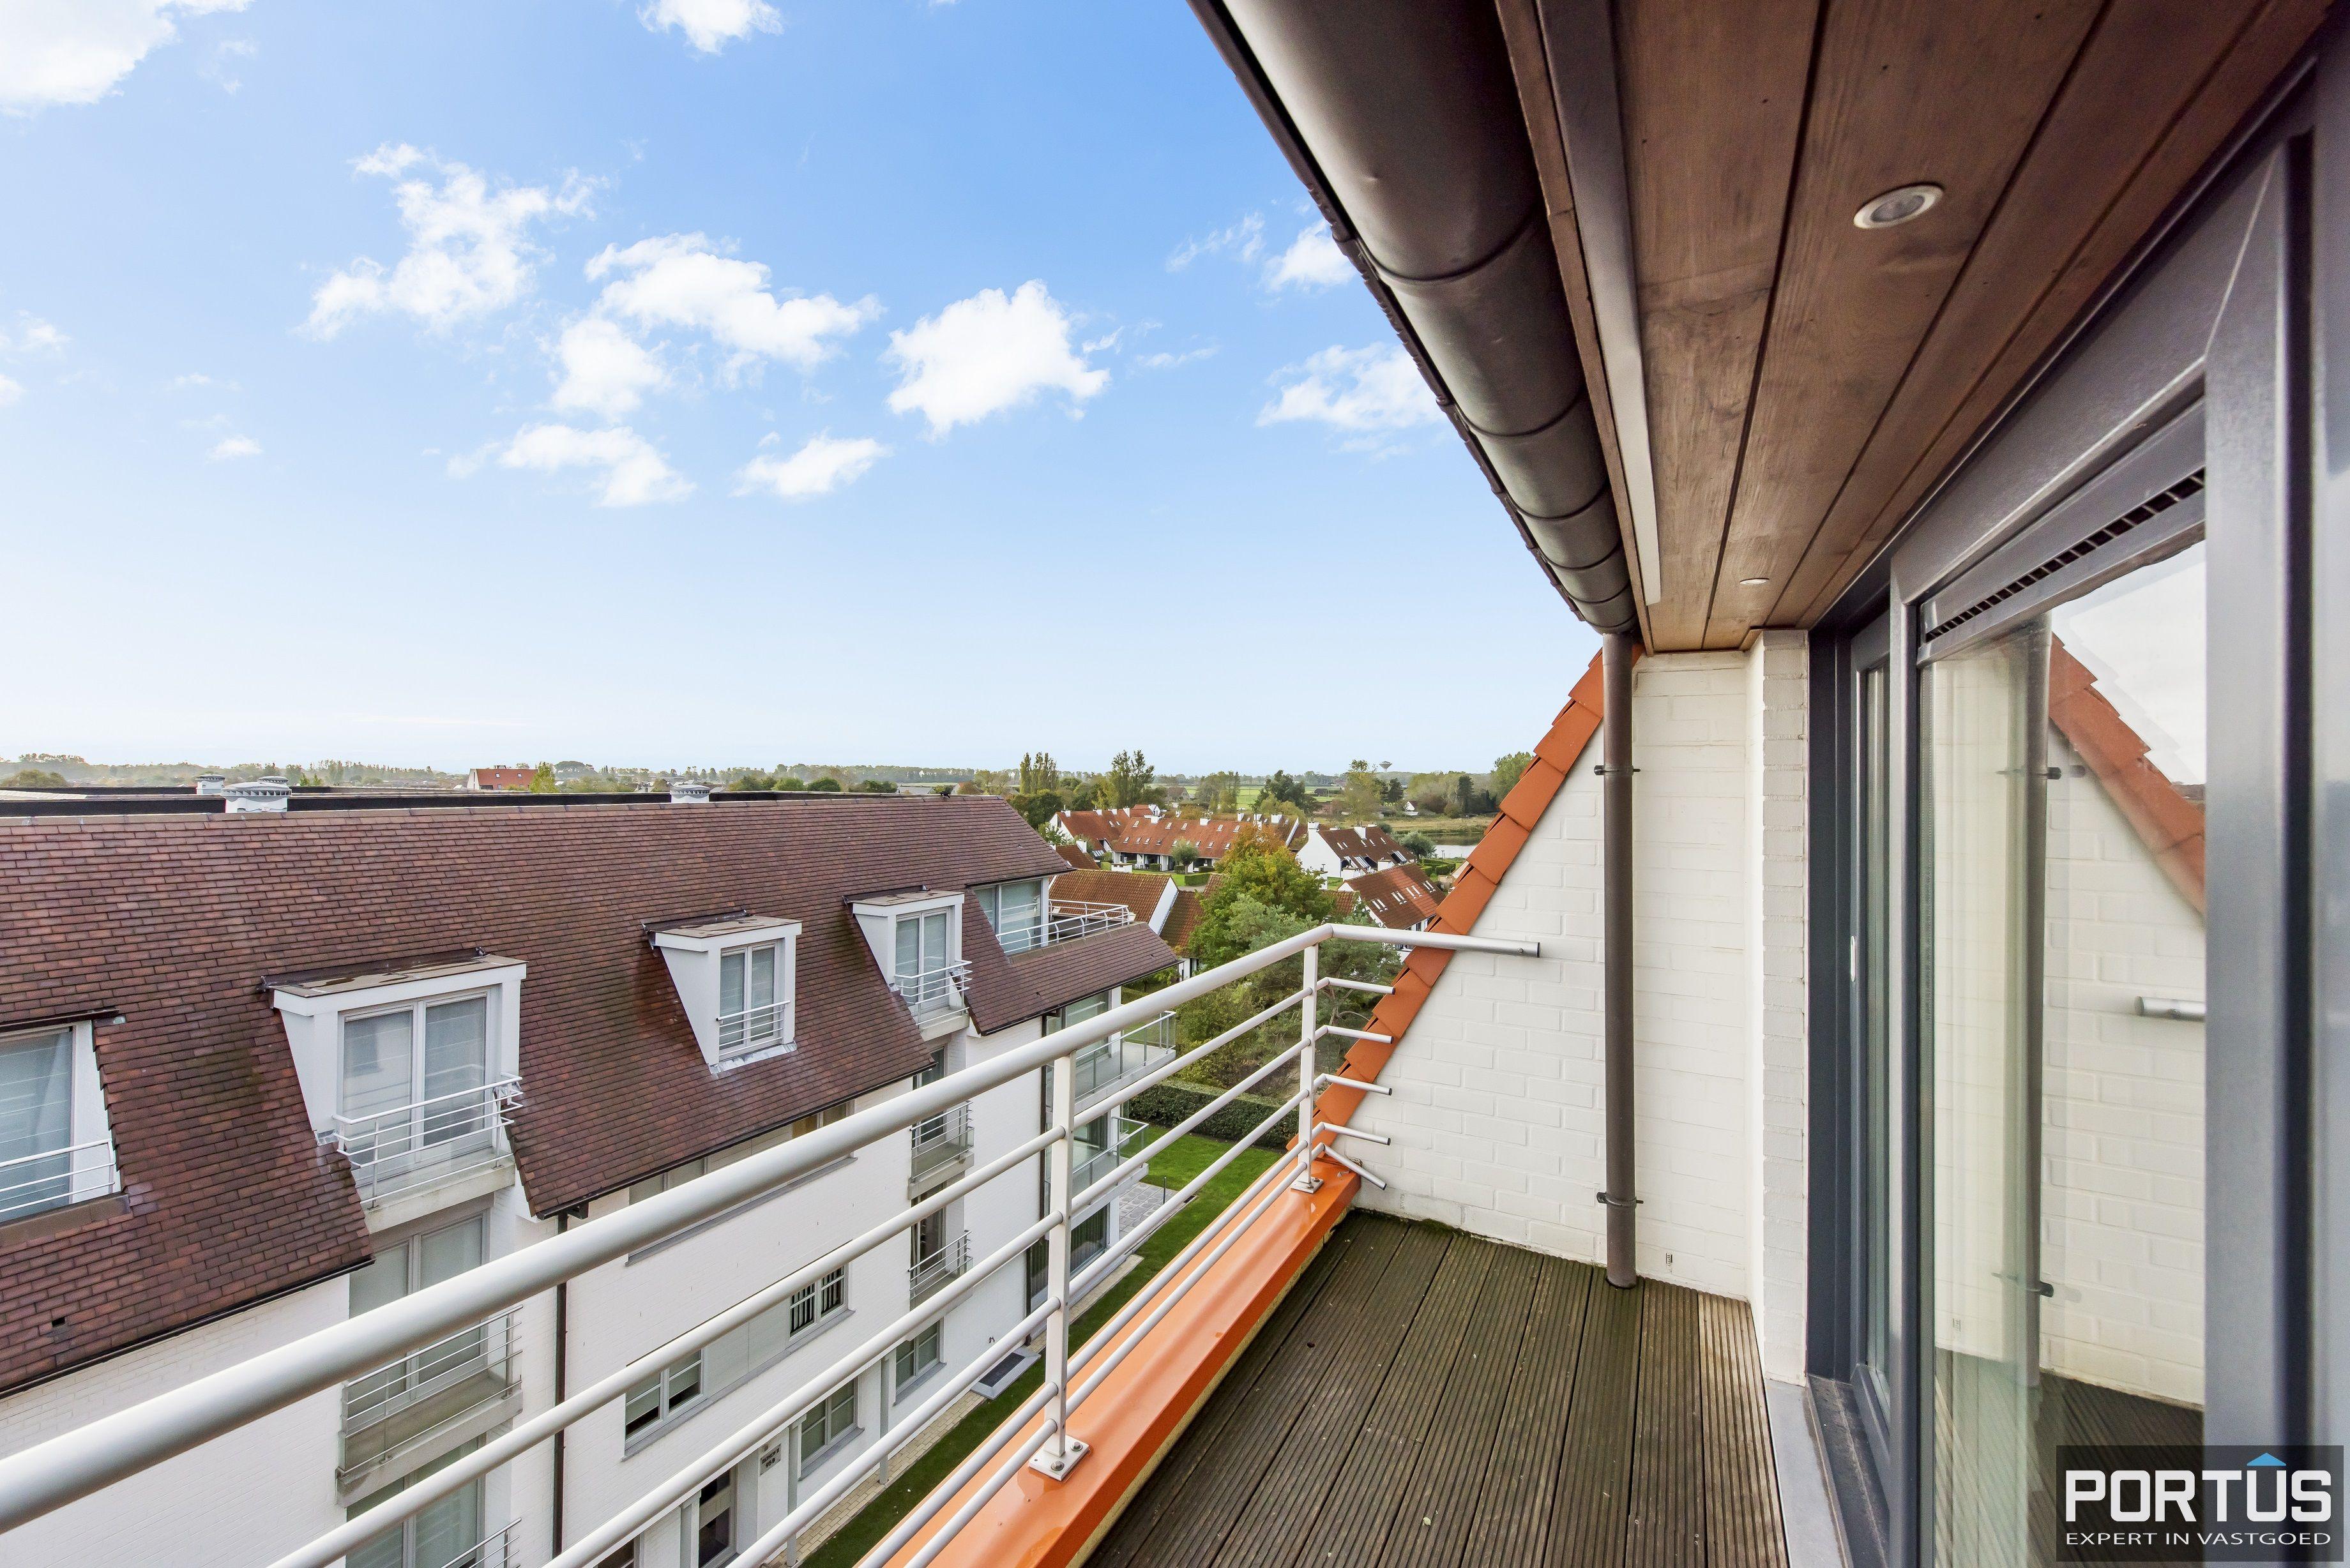 Instapklaar zongericht appartement met 2 slaapkamers te koop in Nieuwpoort - 10007